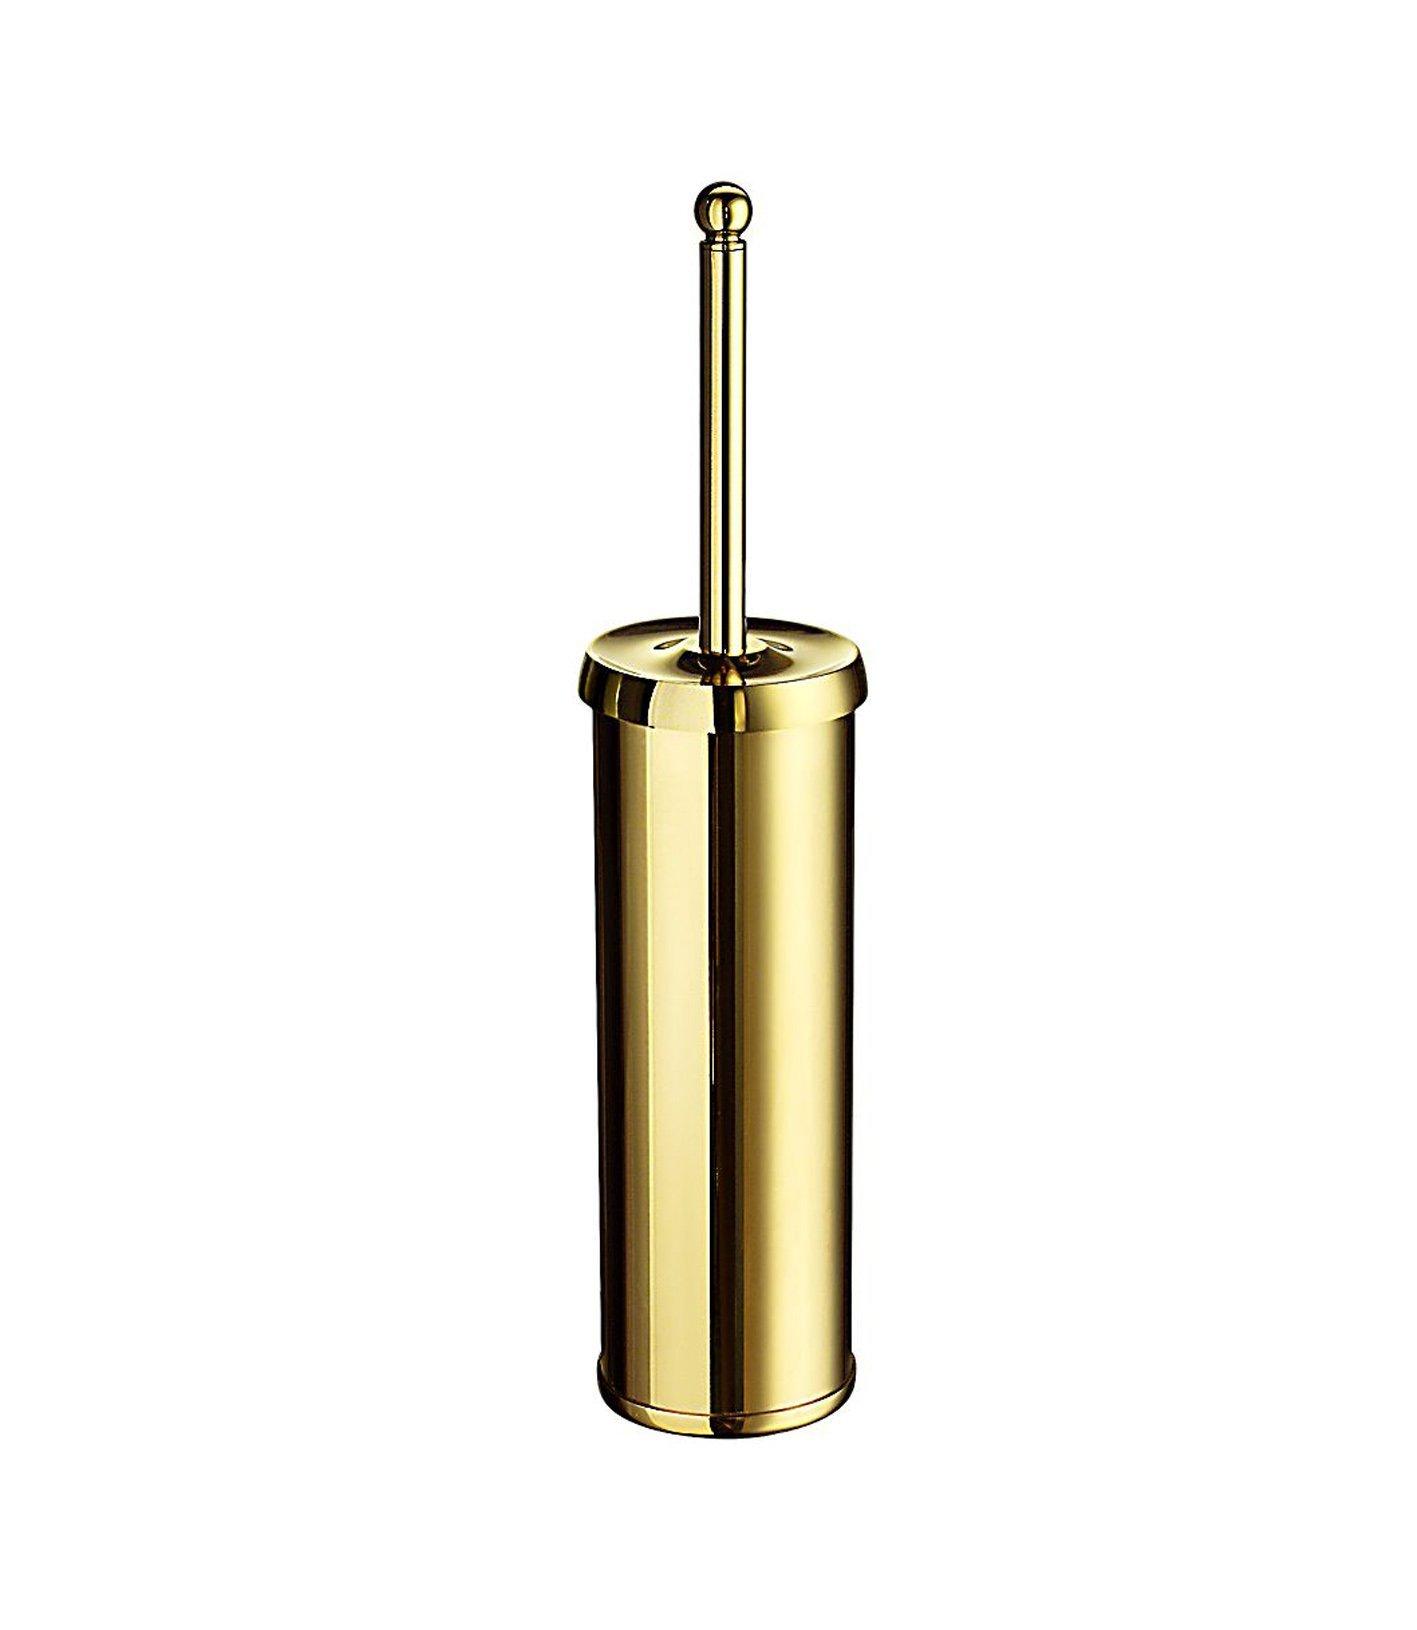 Smedbo SME V233 Toilet Brush Free Standing, Polished Brass, by SMEDBO